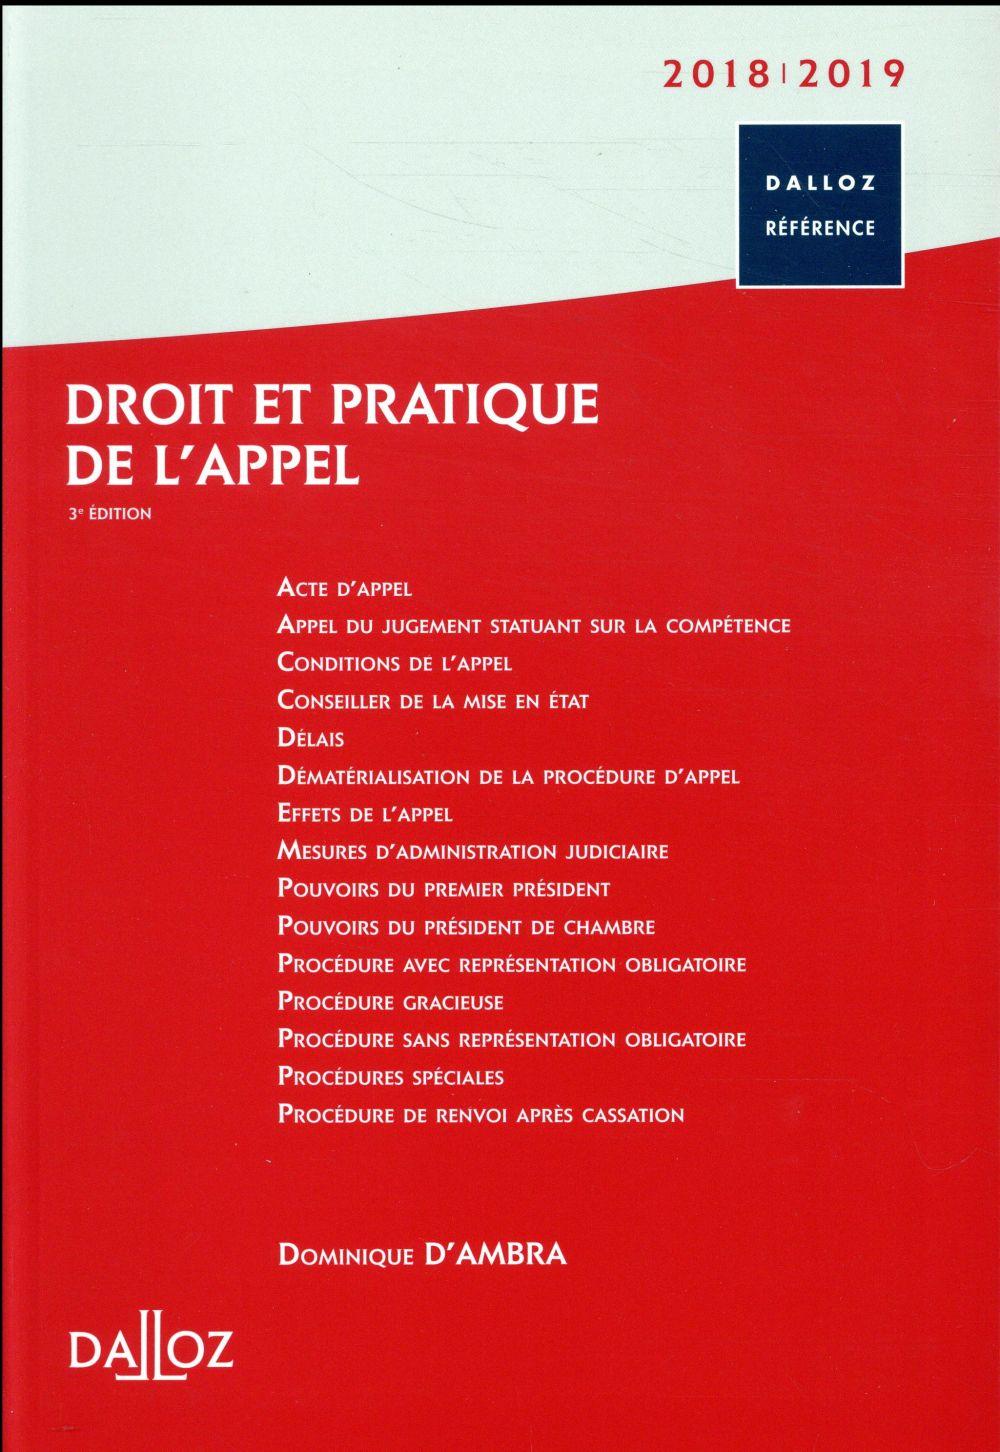 Droit et pratique de l'appel (édition 2018/2019) (3e édition)